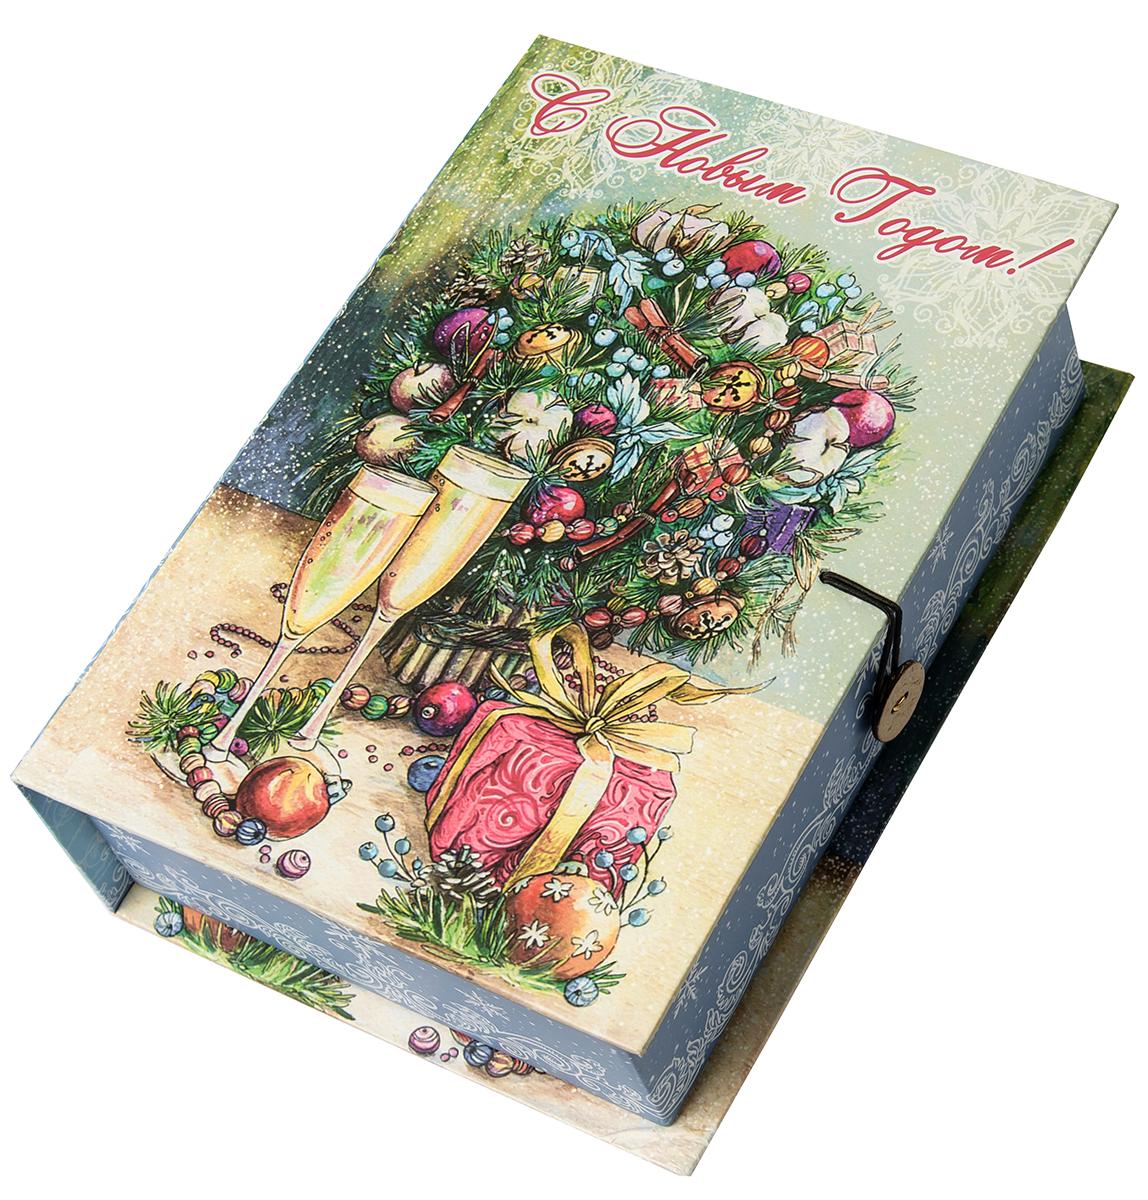 Коробка подарочная Magic Time Шампанское у елки, размер M. 7503375033Подарочная коробка Magic Time, выполненная из мелованного, ламинированного картона, закрывается на пуговицу. Крышка оформлена декоративным рисунком. Подарочная коробка - это наилучшее решение, если вы хотите порадовать ваших близких и создать праздничное настроение, ведь подарок, преподнесенный в оригинальной упаковке, всегда будет самым эффектным и запоминающимся. Окружите близких людей вниманием и заботой, вручив презент в нарядном, праздничном оформлении.Плотность картона: 1100 г/м2.